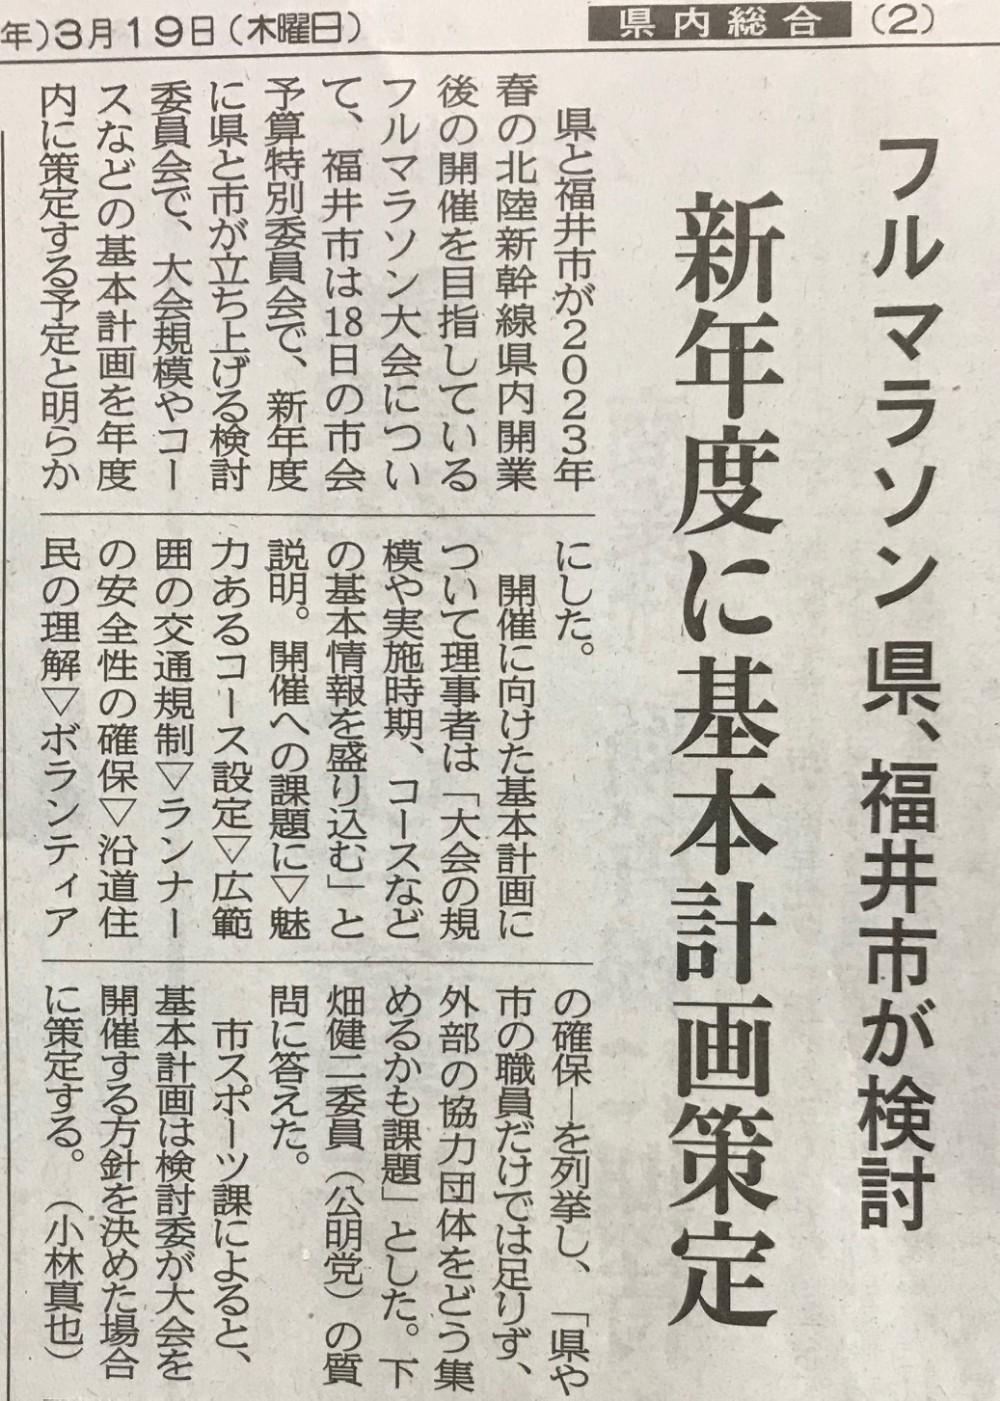 福井新聞20200318②